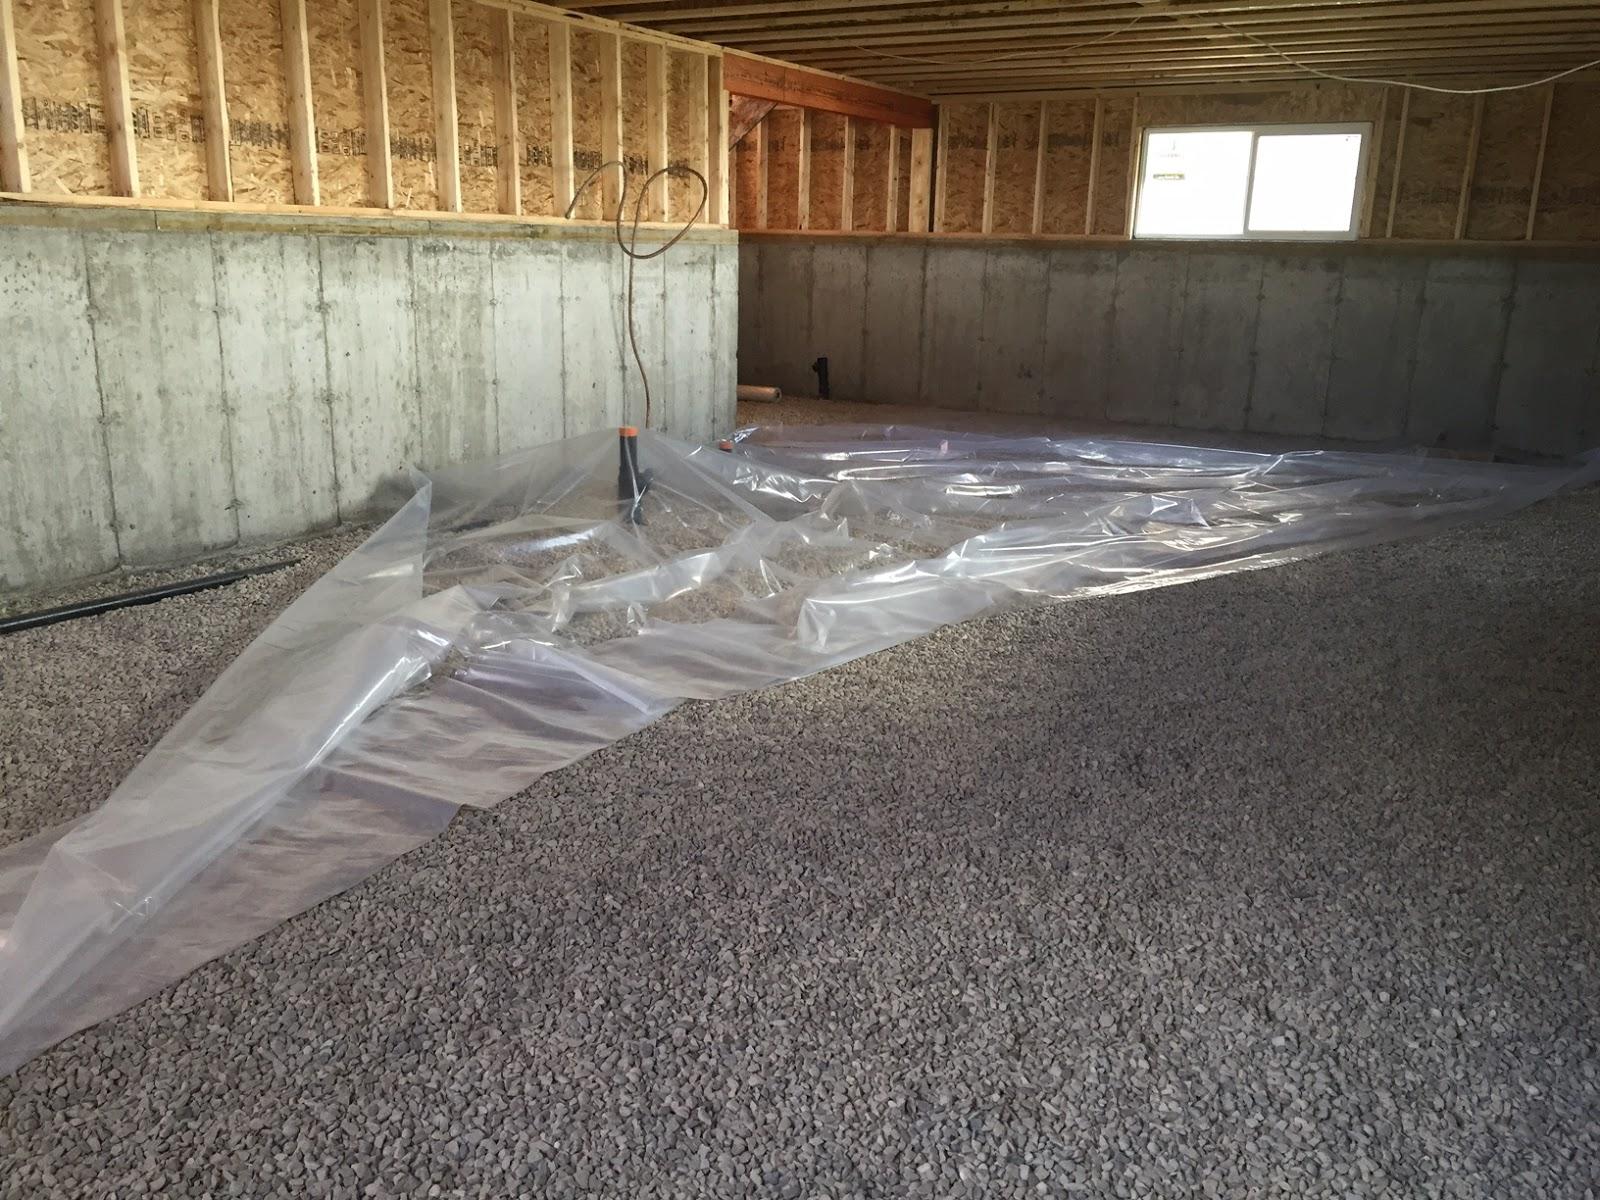 How to build a house step 10 pour basement concrete for Concrete basement